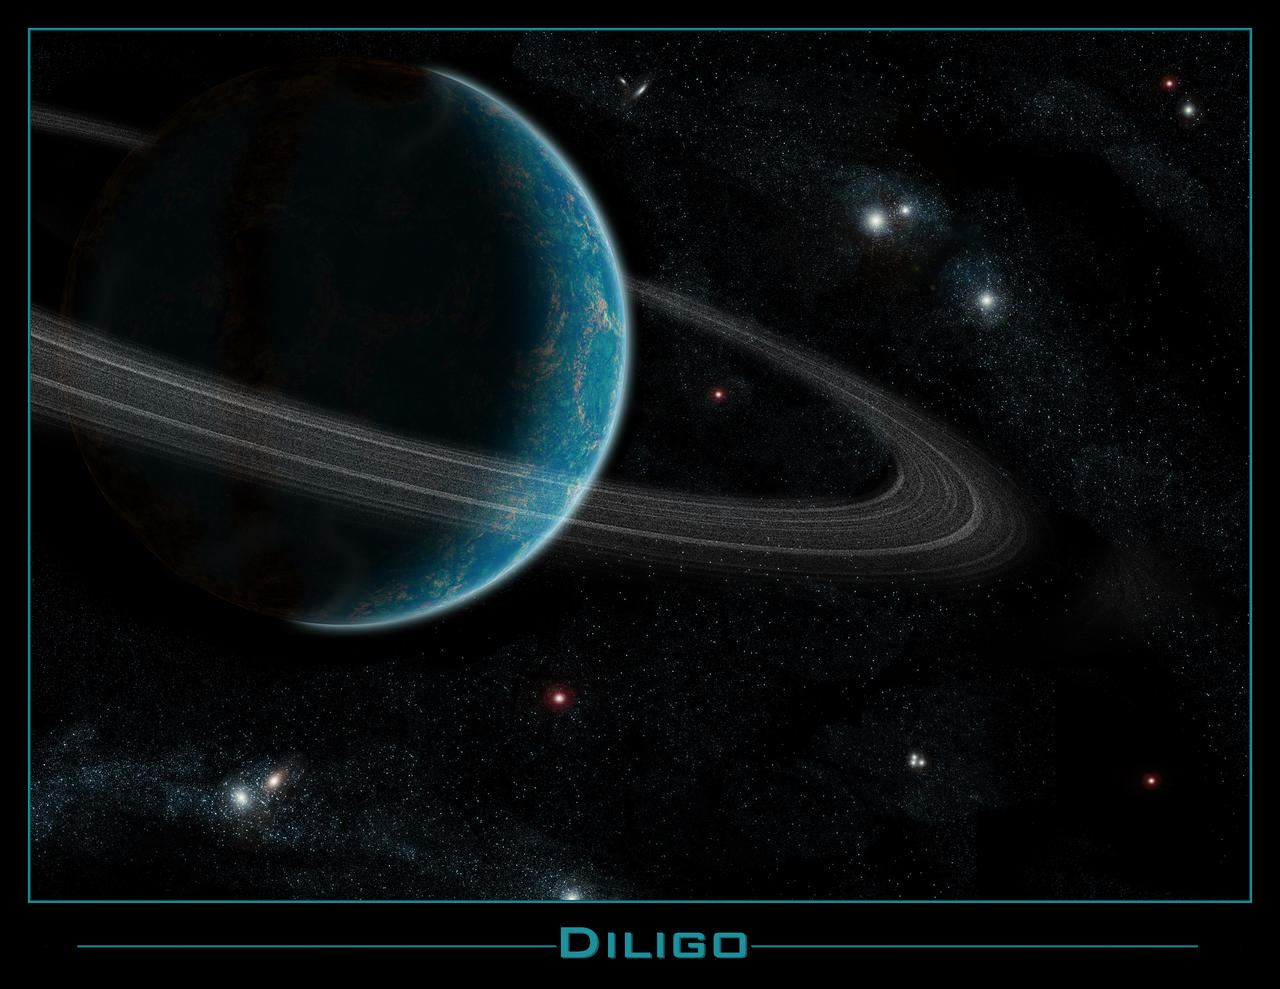 Diligo by Kalwadi